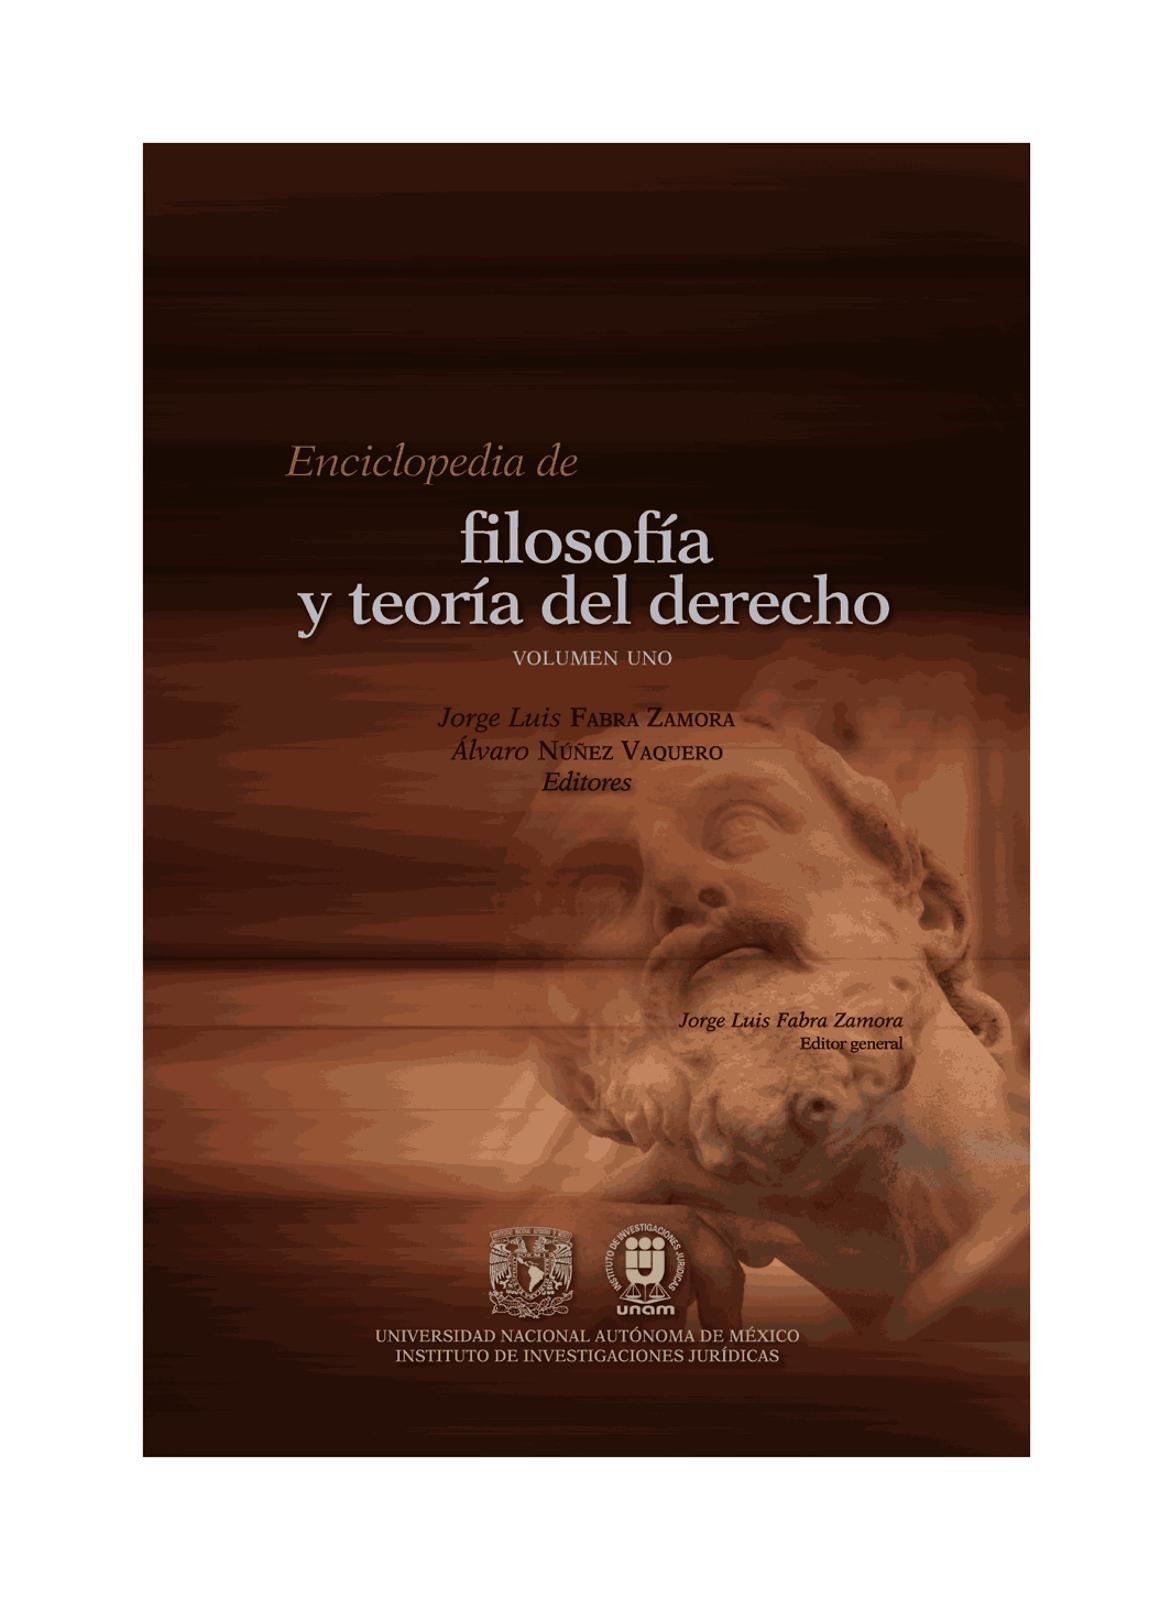 Enciclopedia de Filosofía del Derecho